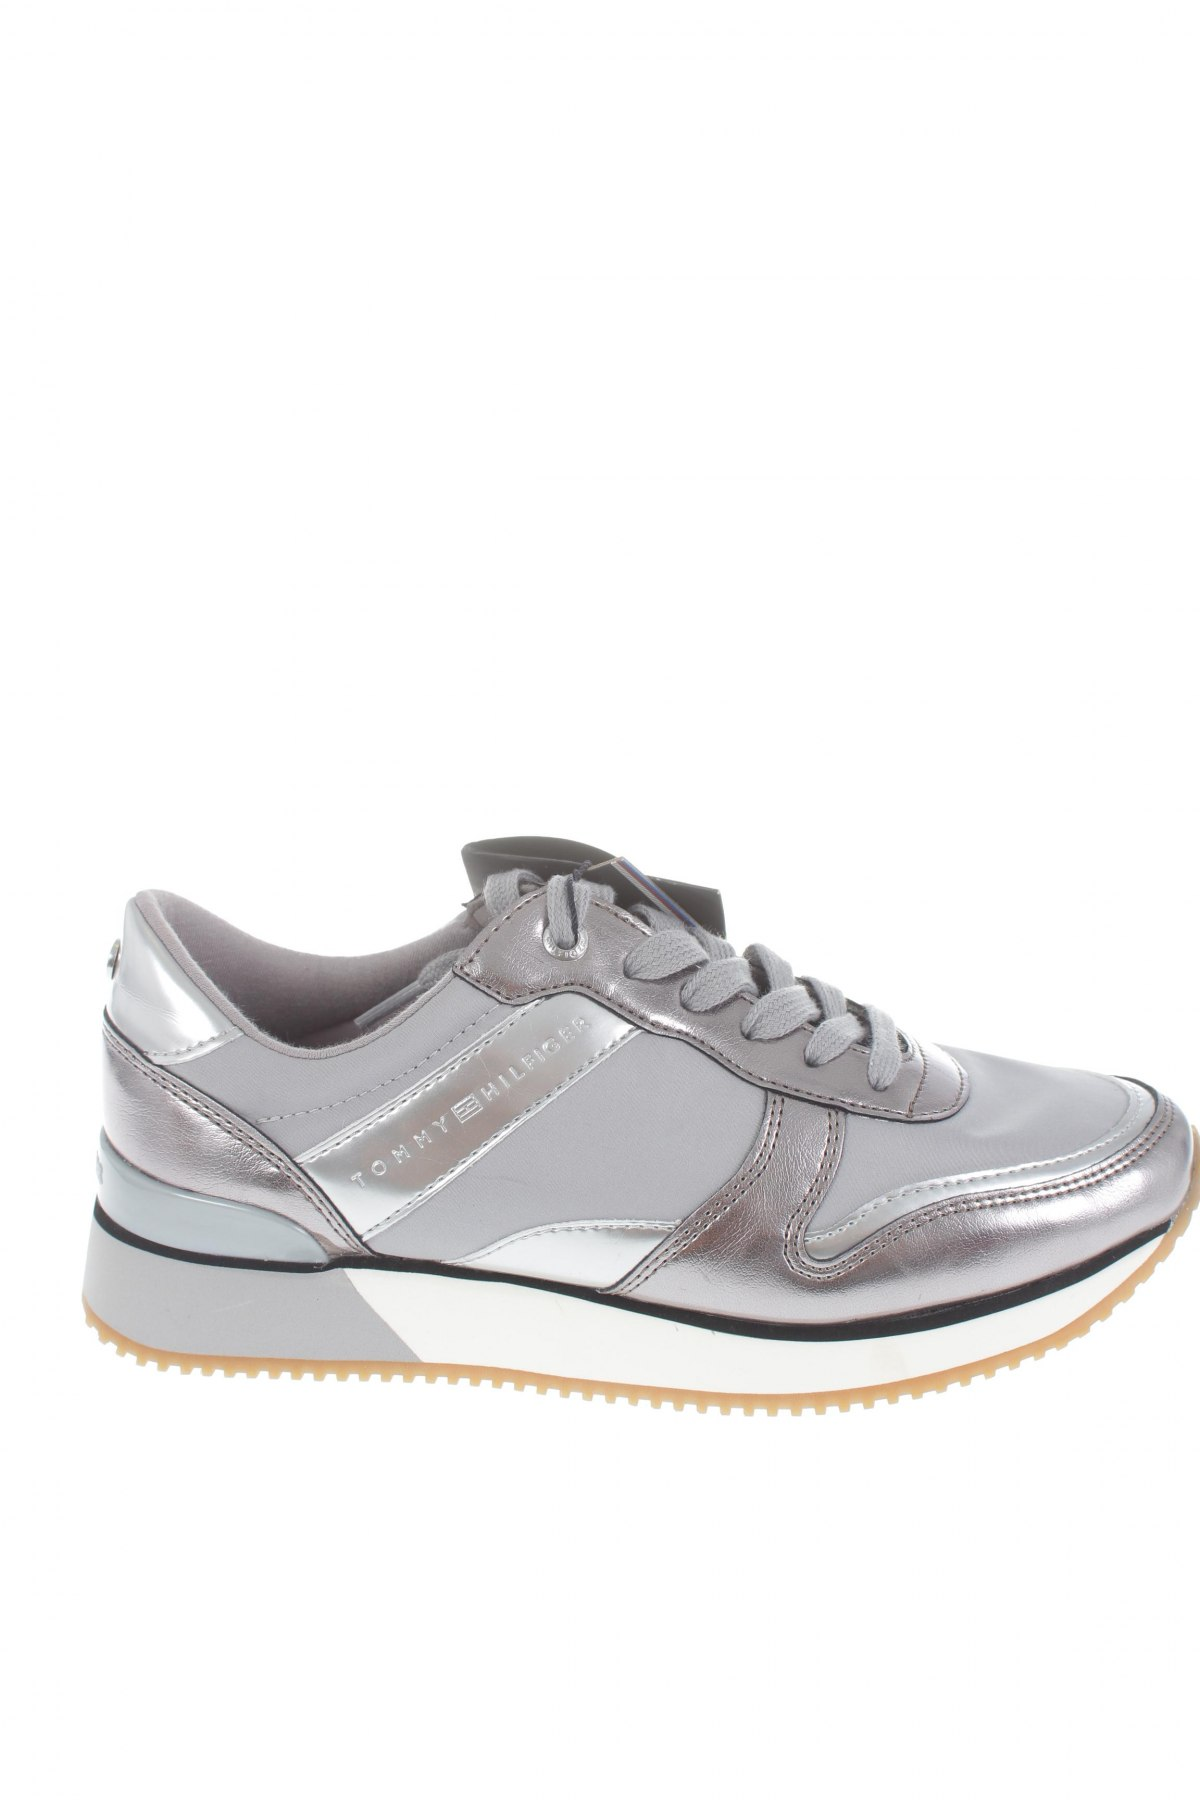 Dámske topánky Tommy Hilfiger - za výhodnú cenu na Remix -  101418947 23c7b61dbec